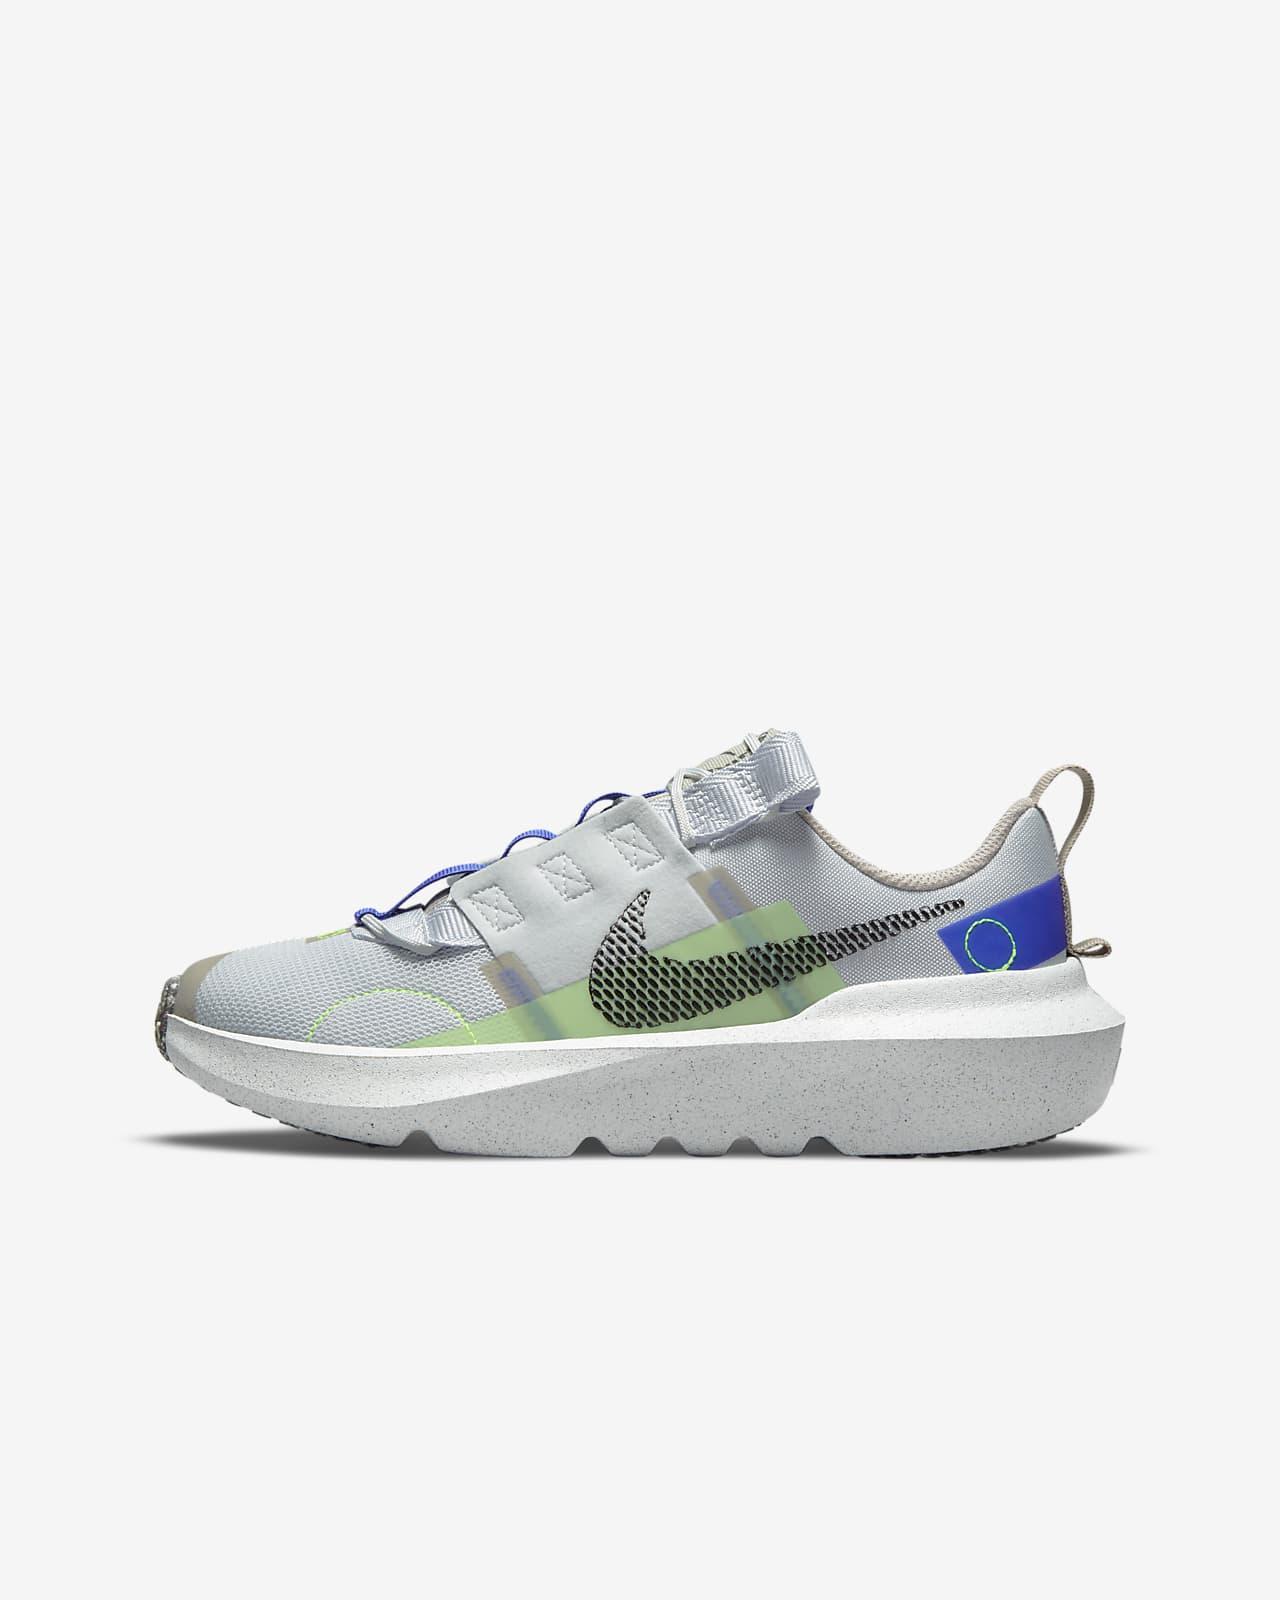 Nike Crater Impact Older Kids' Shoe